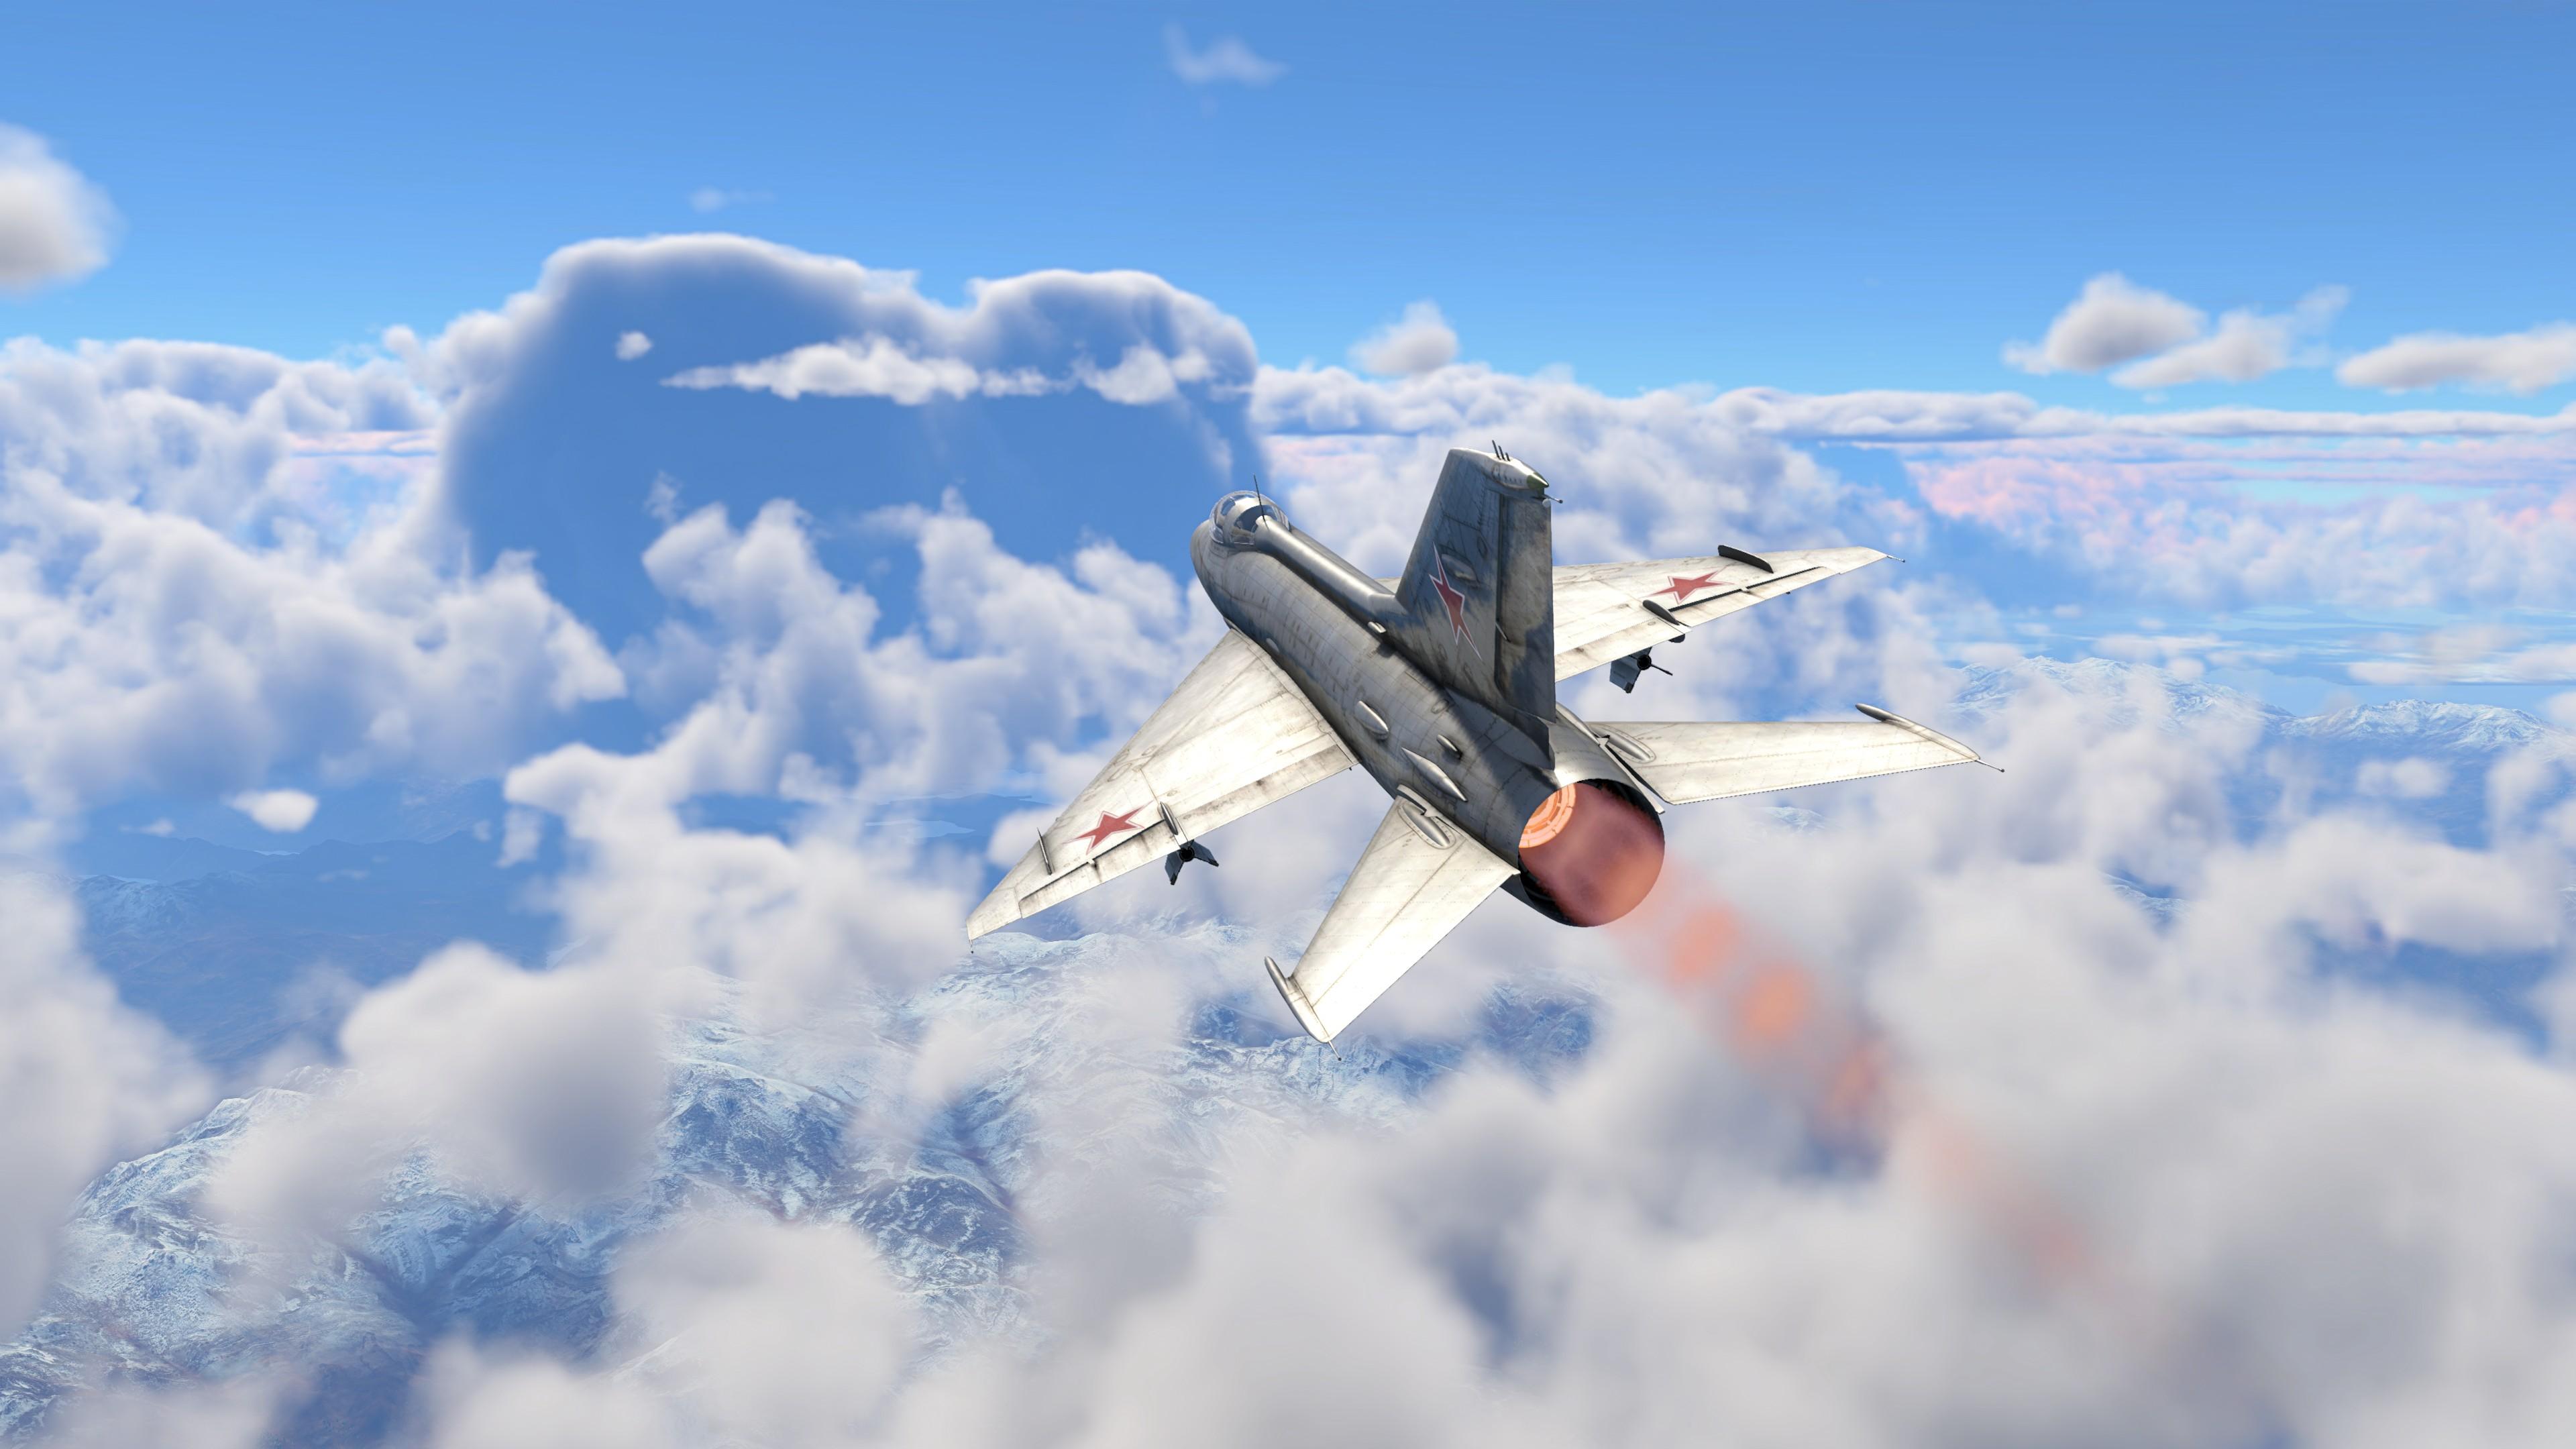 War thunder dlss 2.1